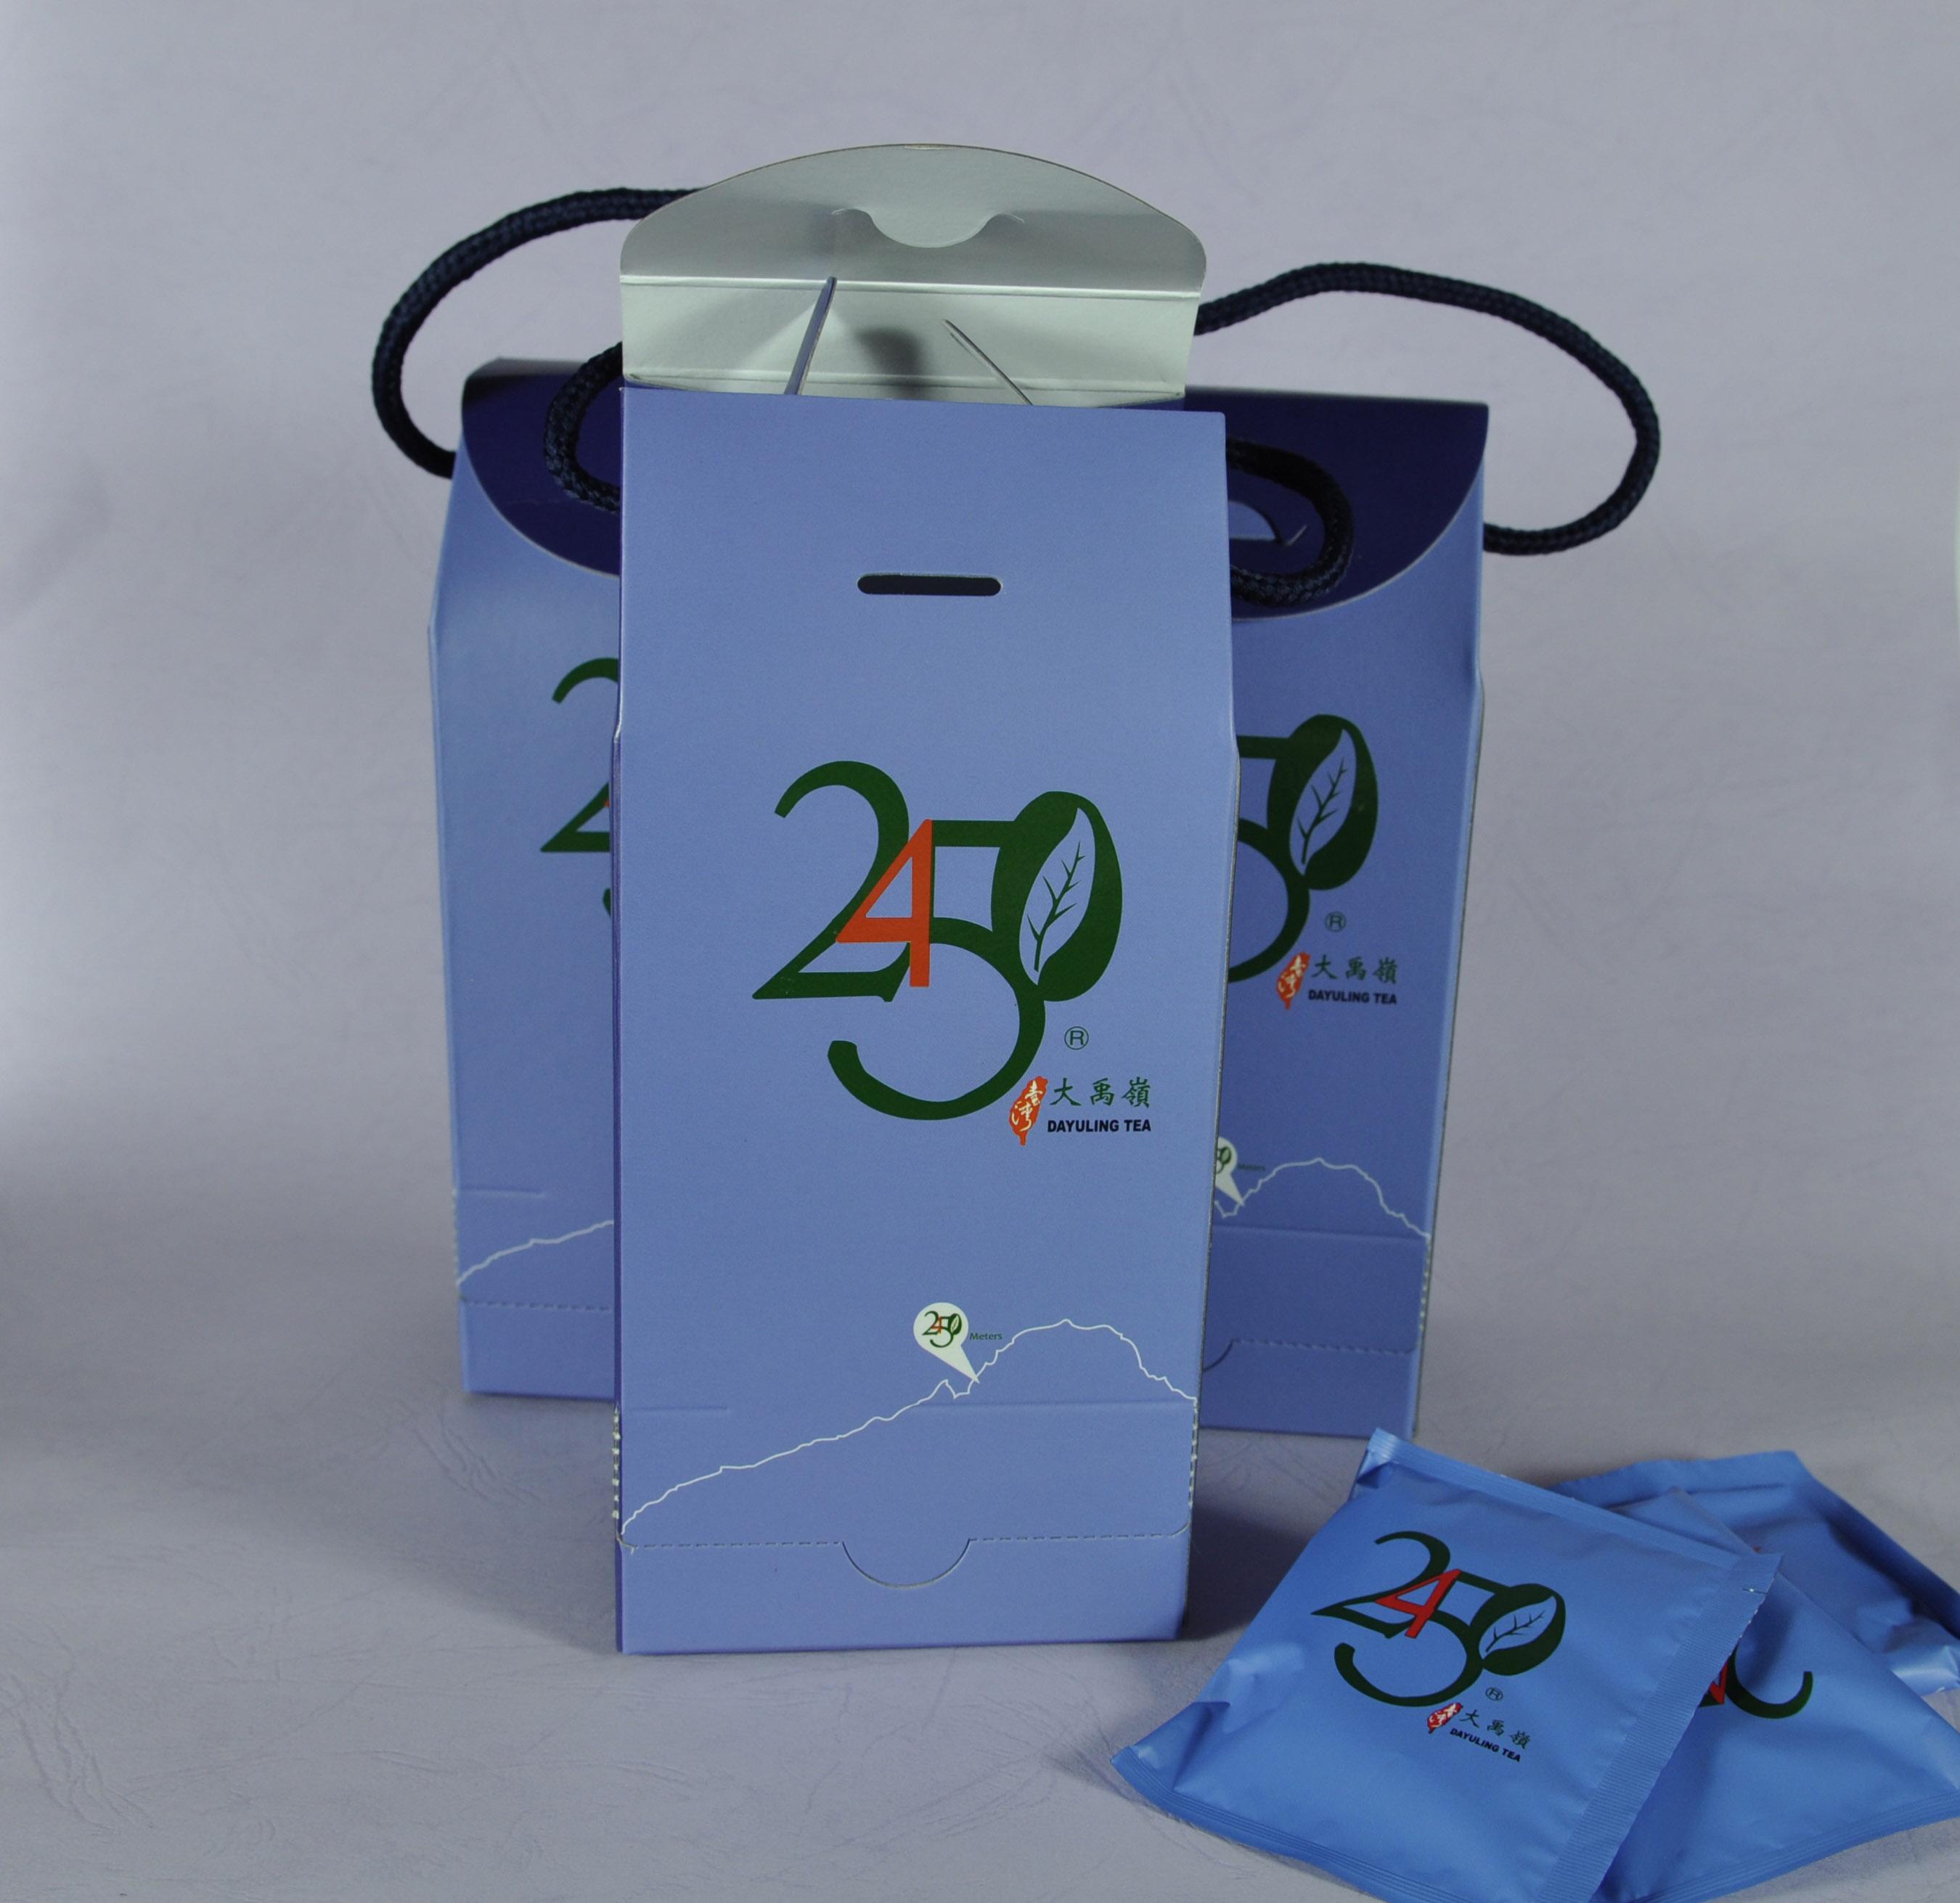 2450大禹嶺茶包-3